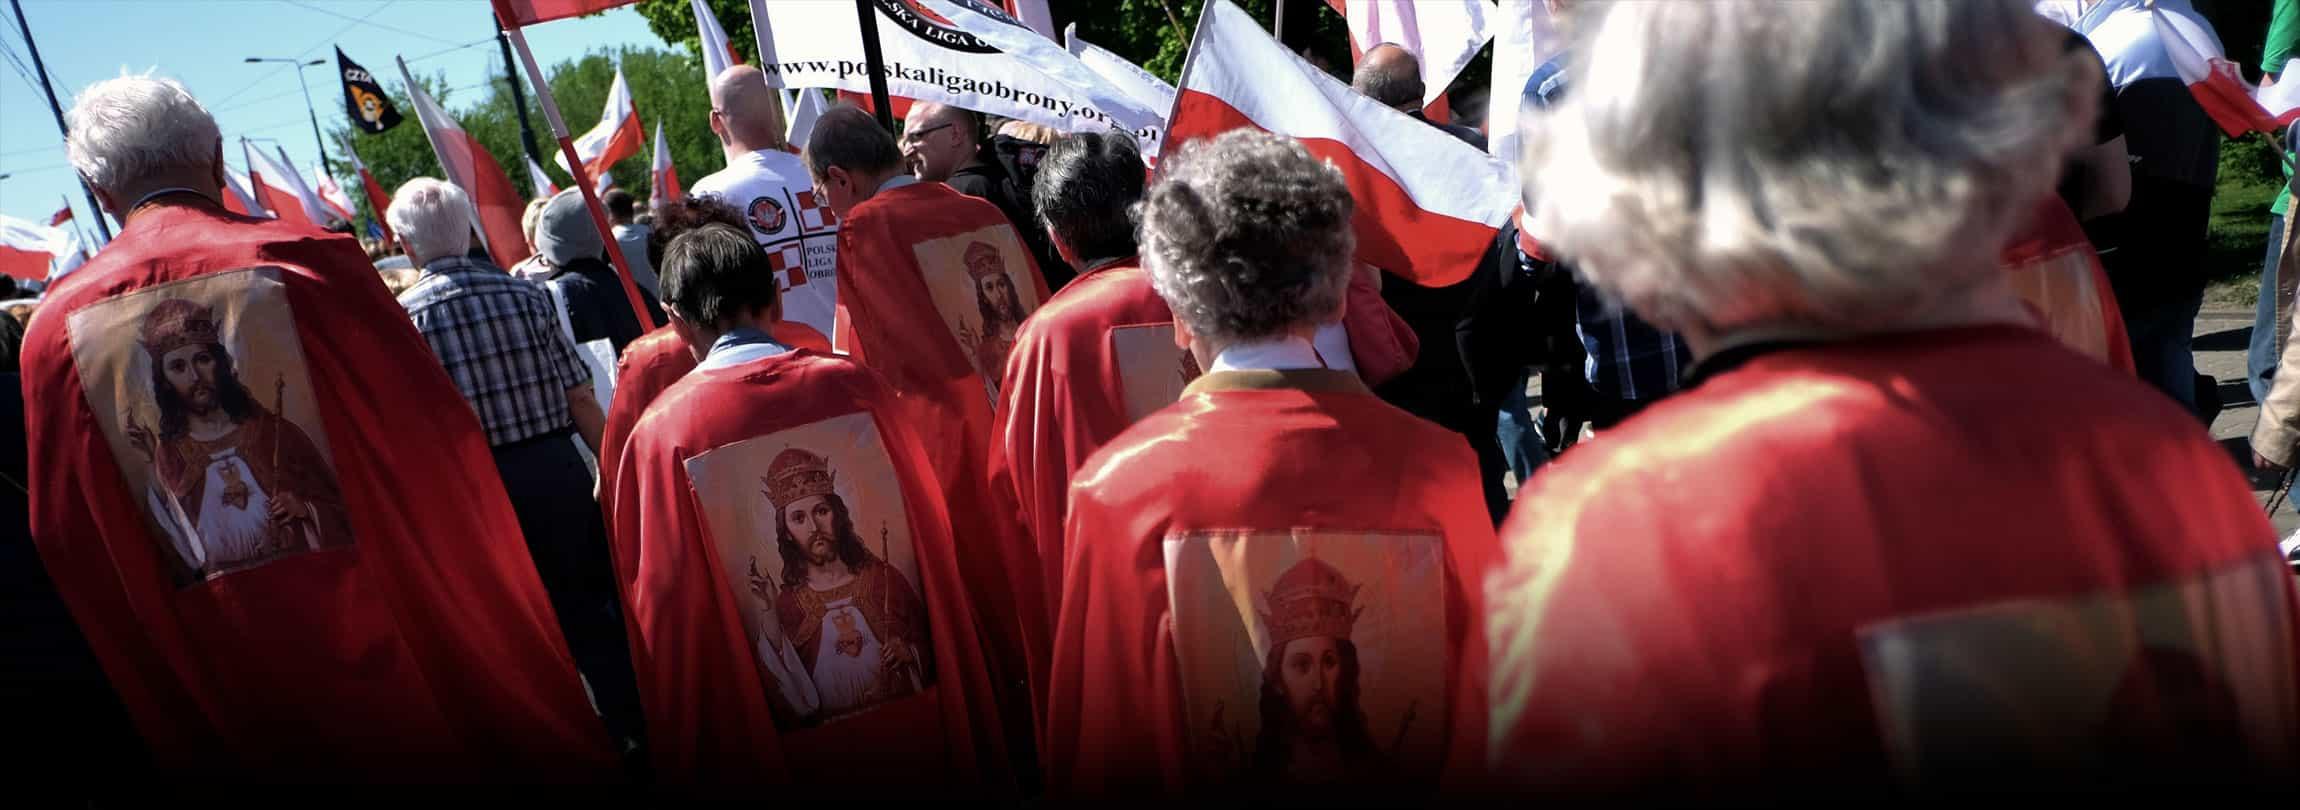 Jesus Cristo é entronizado como Rei da Polônia